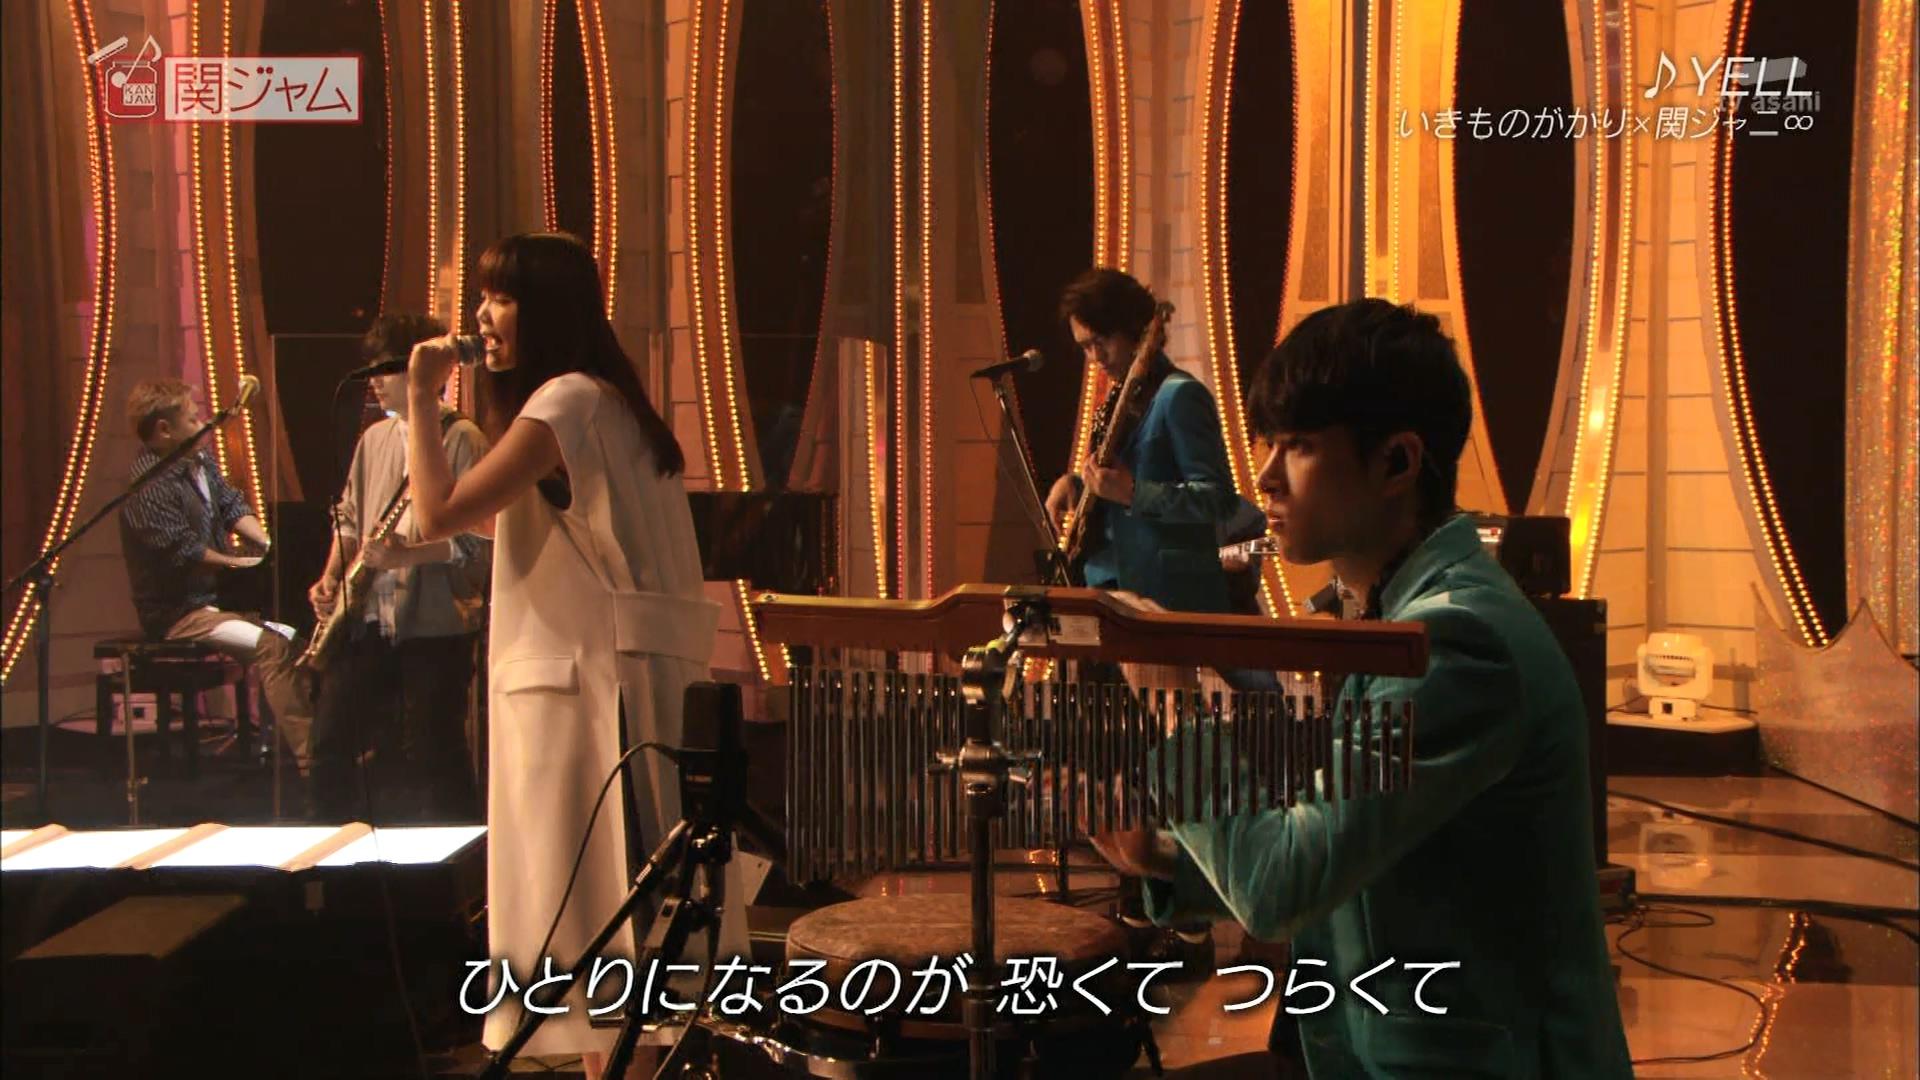 2016.03.13 全場(関ジャム 完全燃SHOW).ts_20160314_030000.318